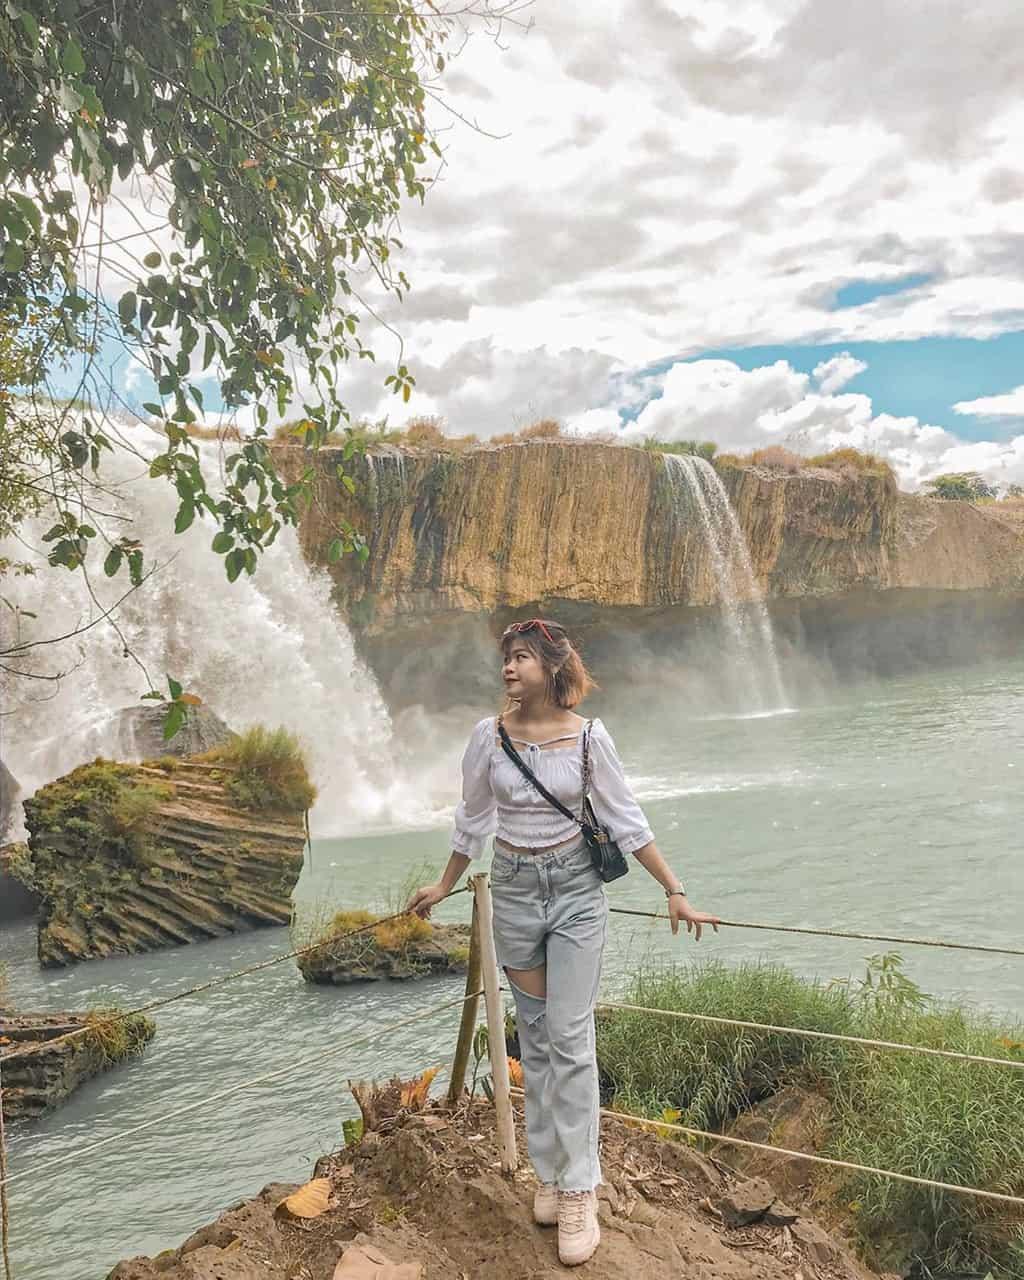 Vẻ đẹp hùng vĩ của thác Dray Nur. Hình: Thoi_tuongvan